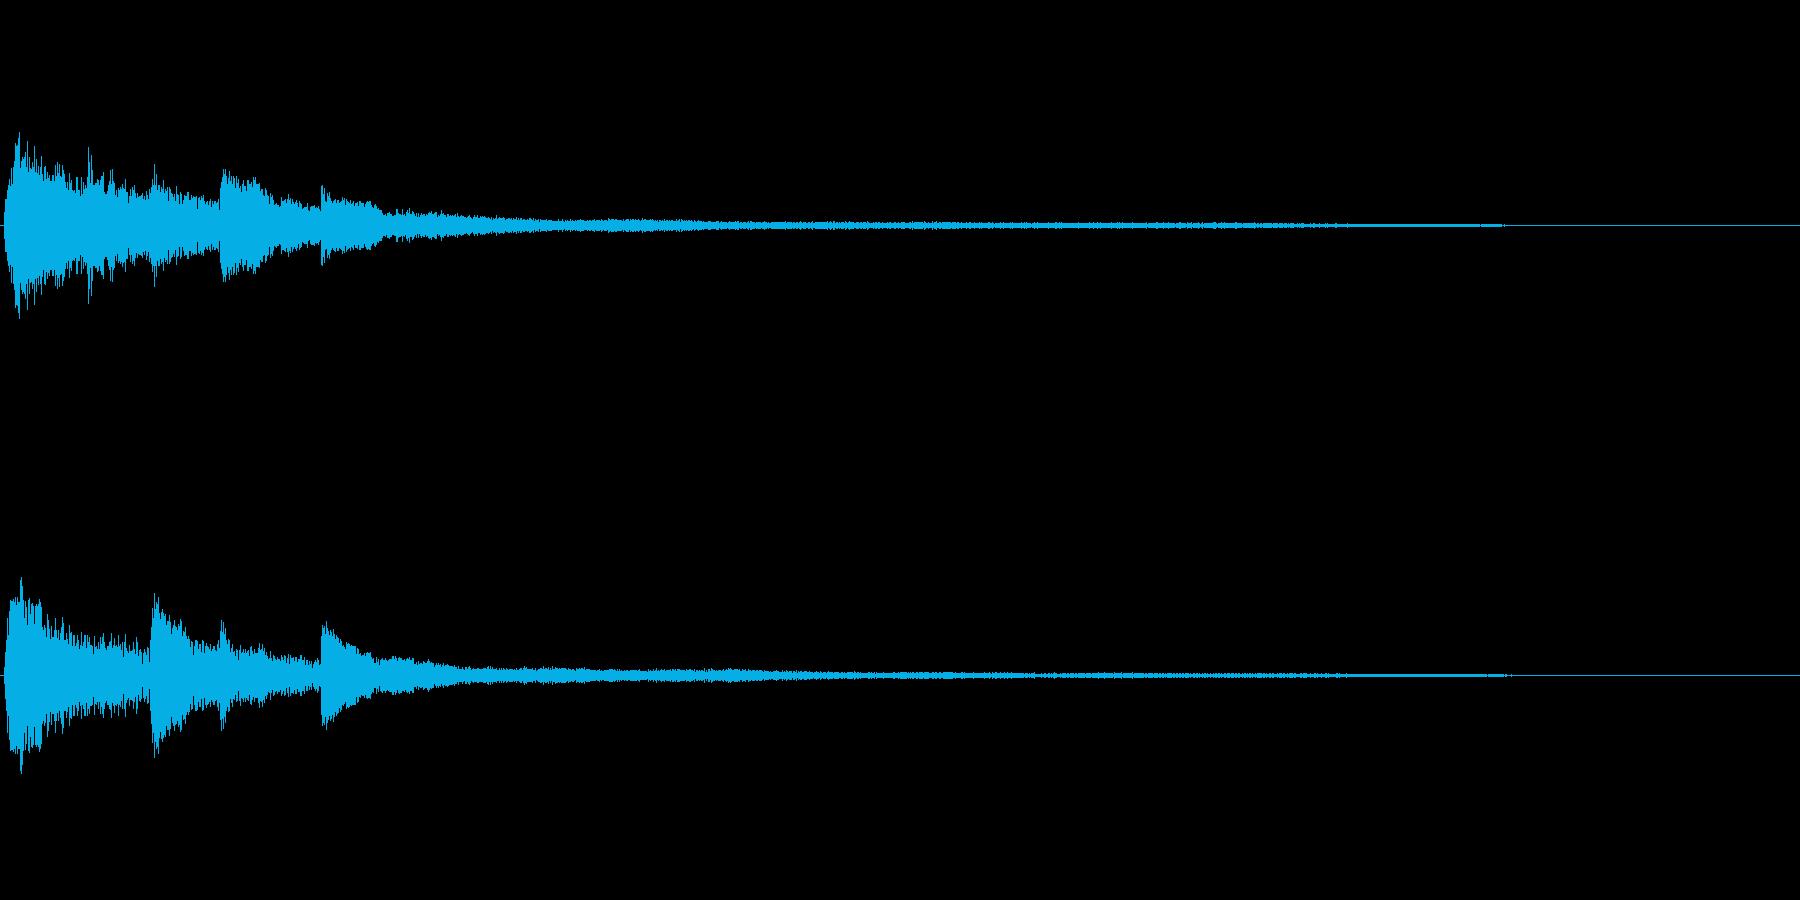 透明感のあるピアノサウンドロゴ 心象の再生済みの波形